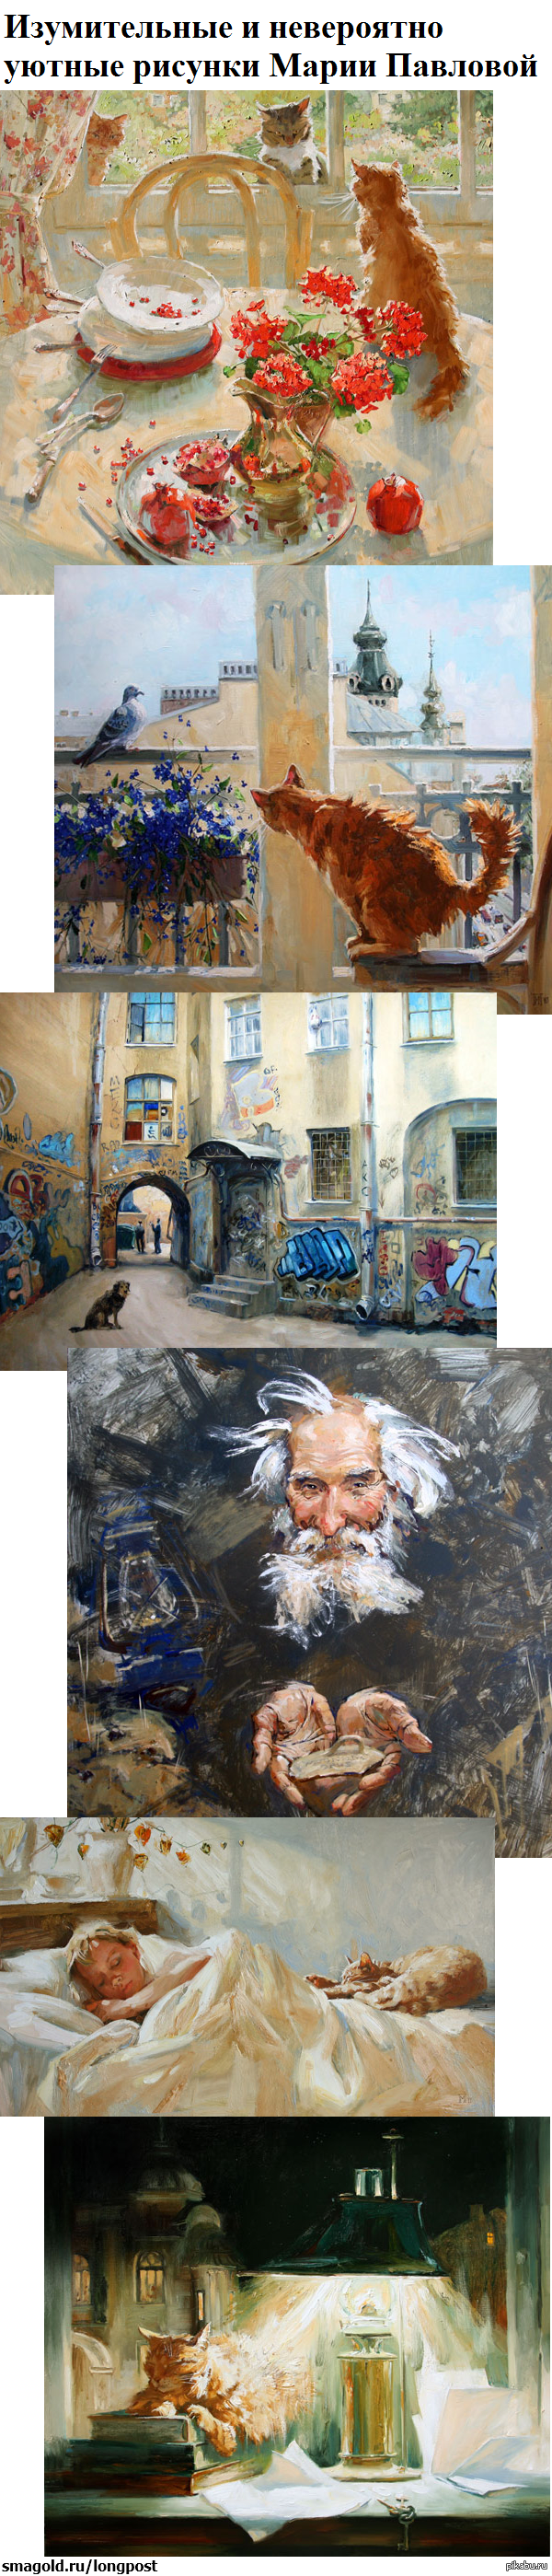 Красивые работы Марии Павловой Другие работы можно найти на сайте http://www.mpavlova.ru/  Извиняюсь за маленькую неаккуратность.